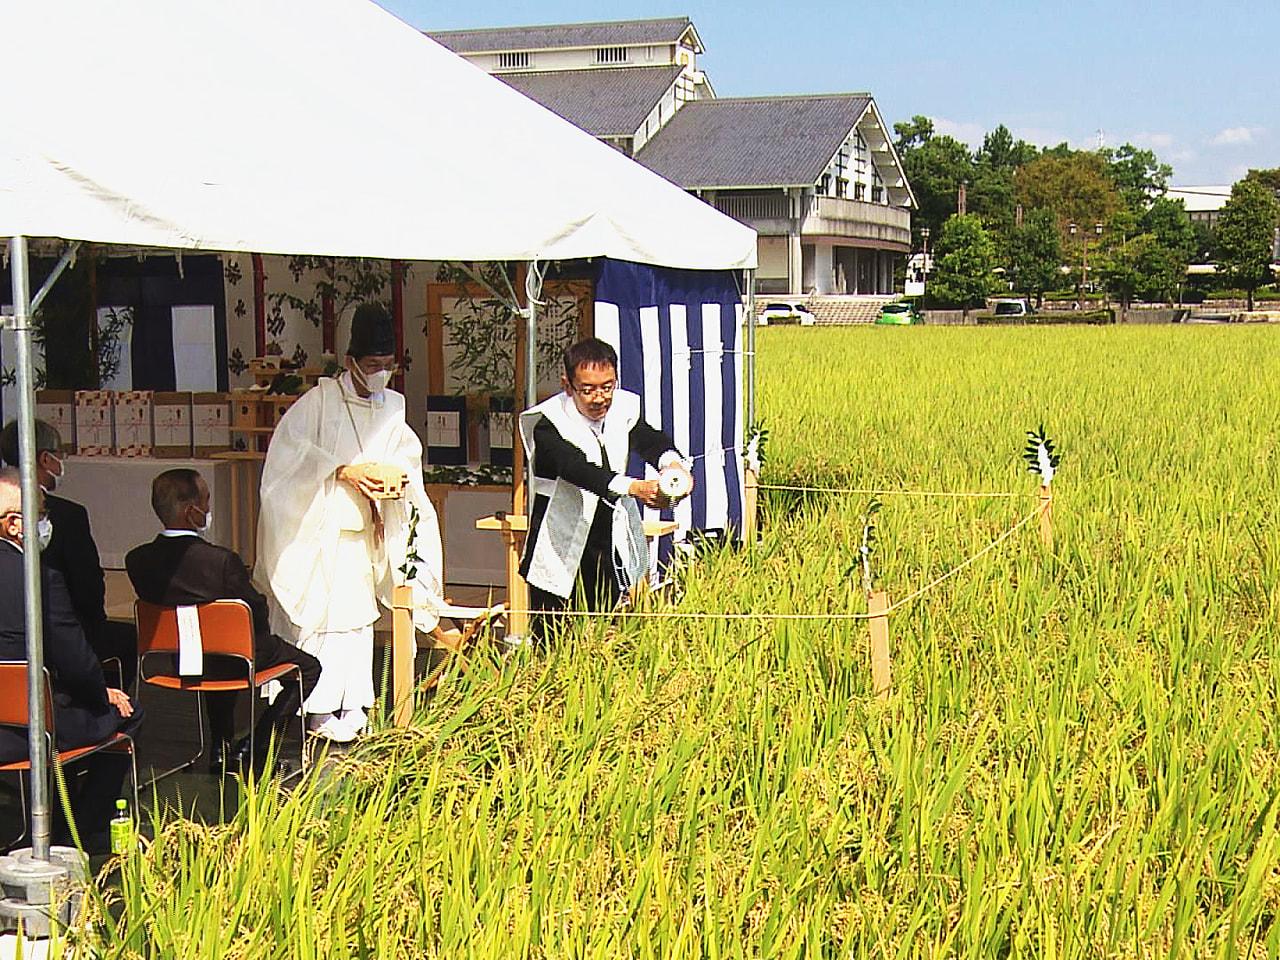 11月に皇居で行われる「新嘗祭(にいなめさい)」に献上する米の収穫を前に「抜穂祭...